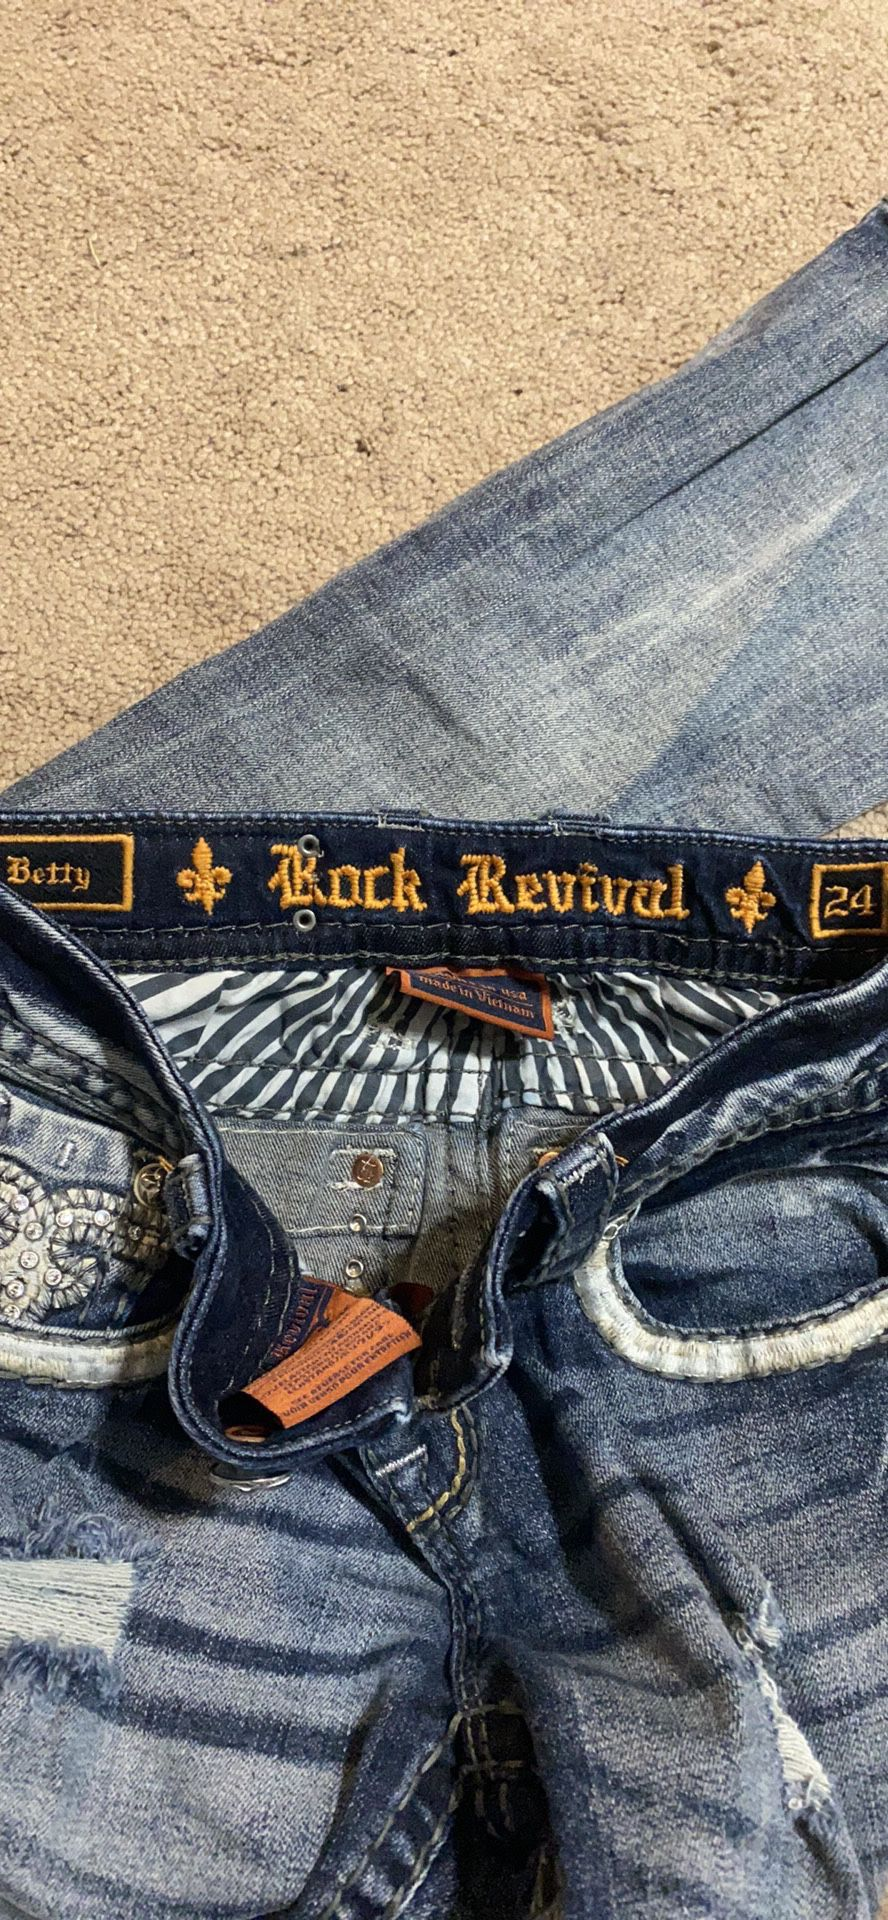 Rock revivals